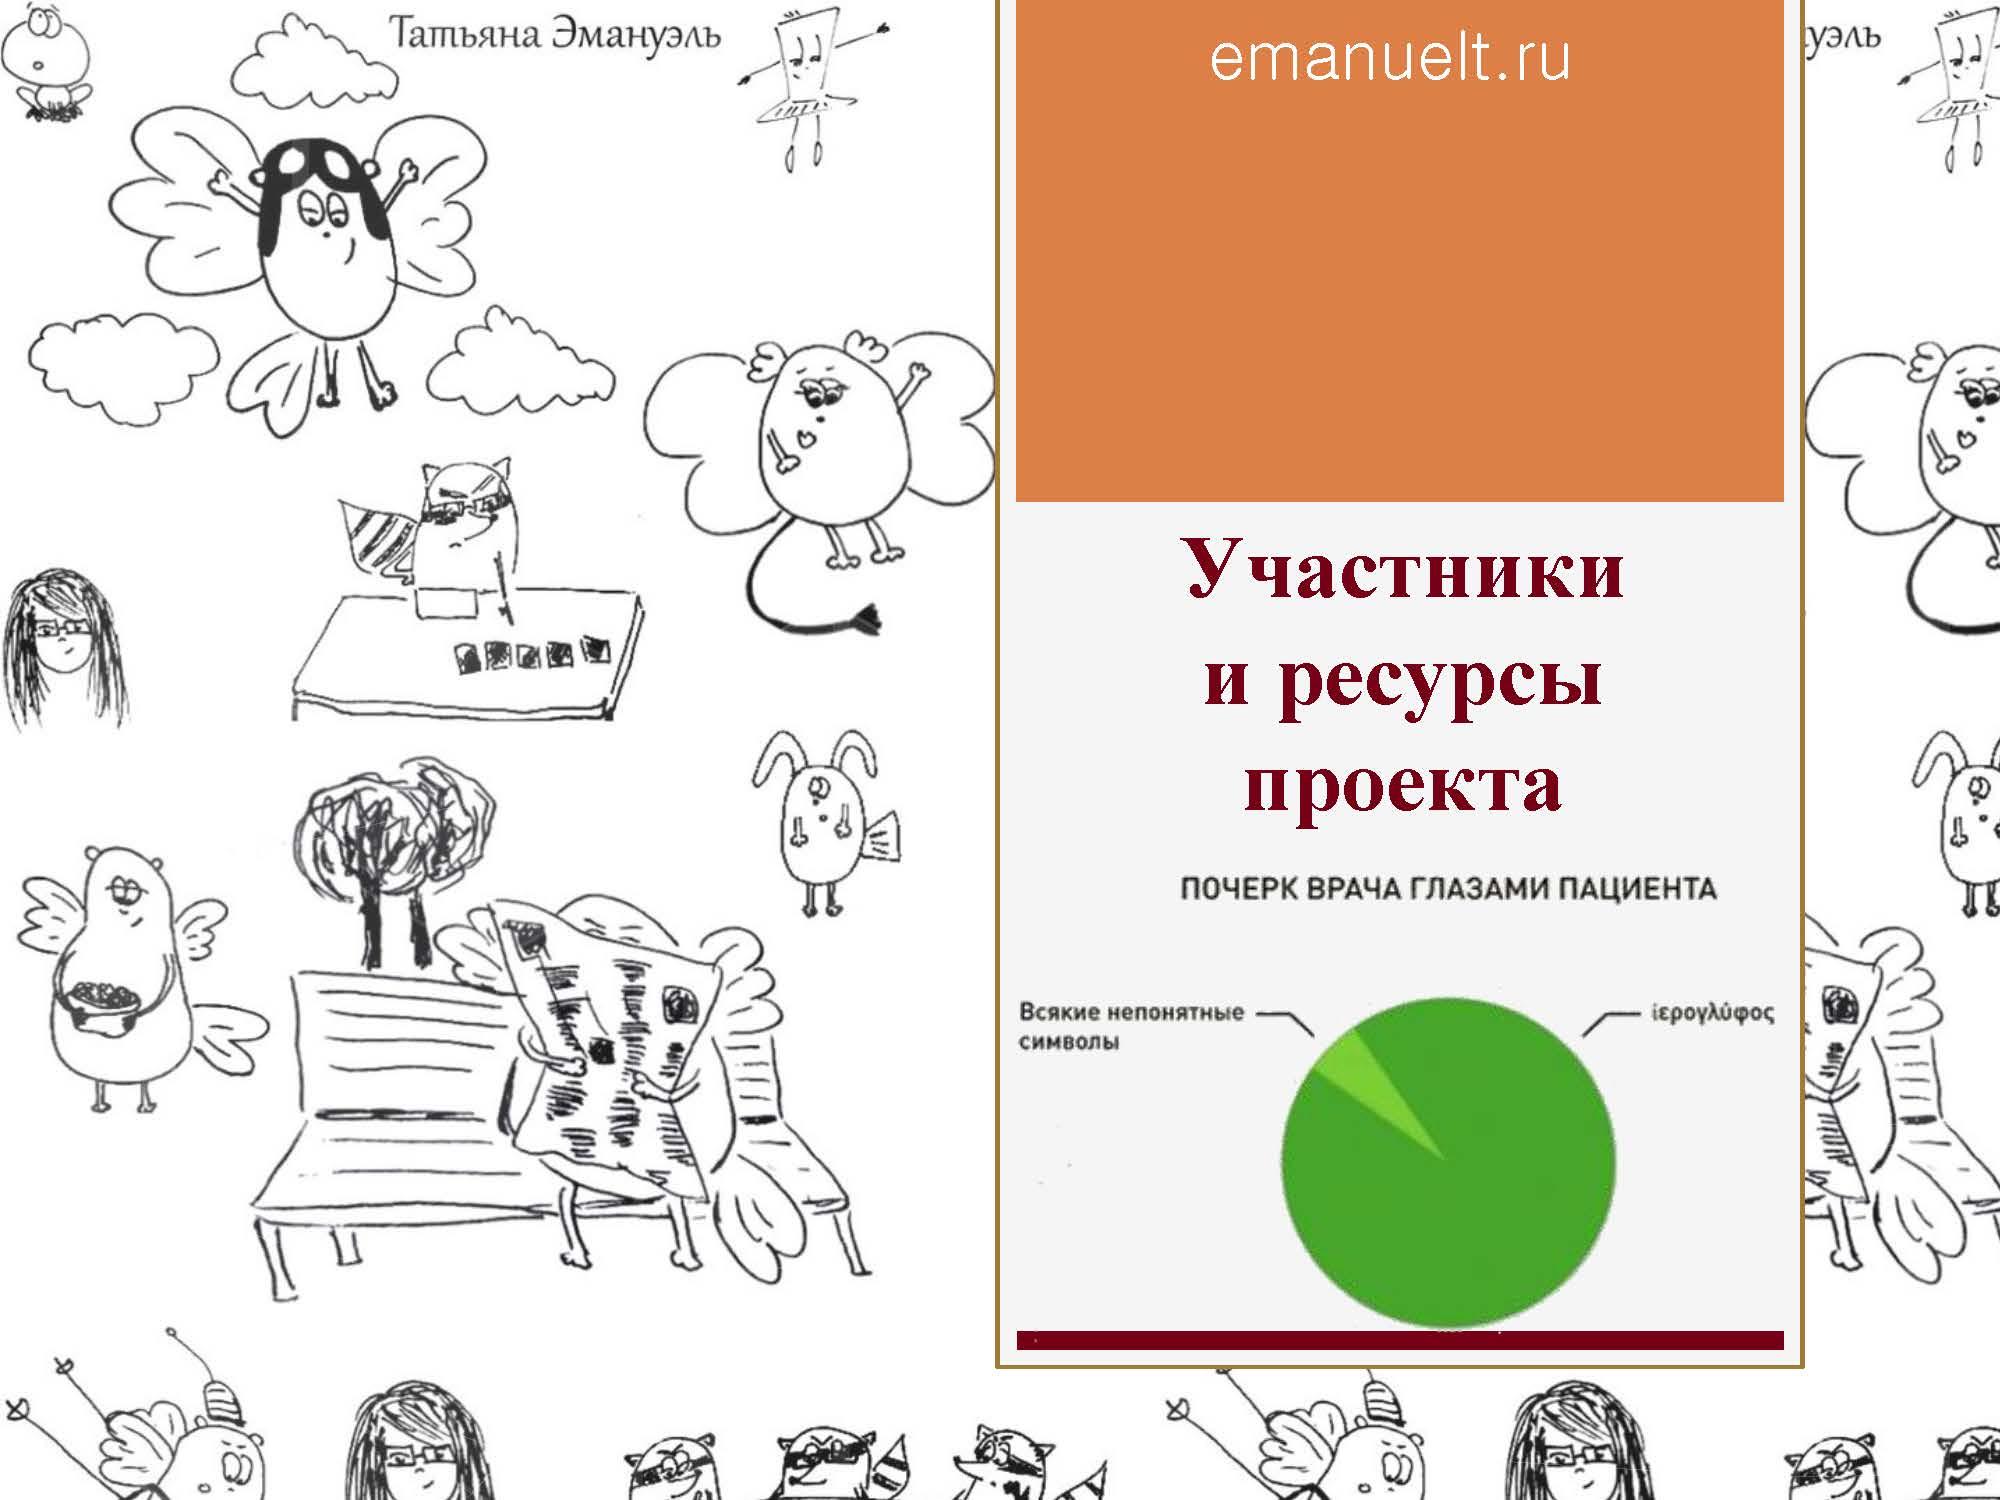 проектный эмануэль_Страница_49